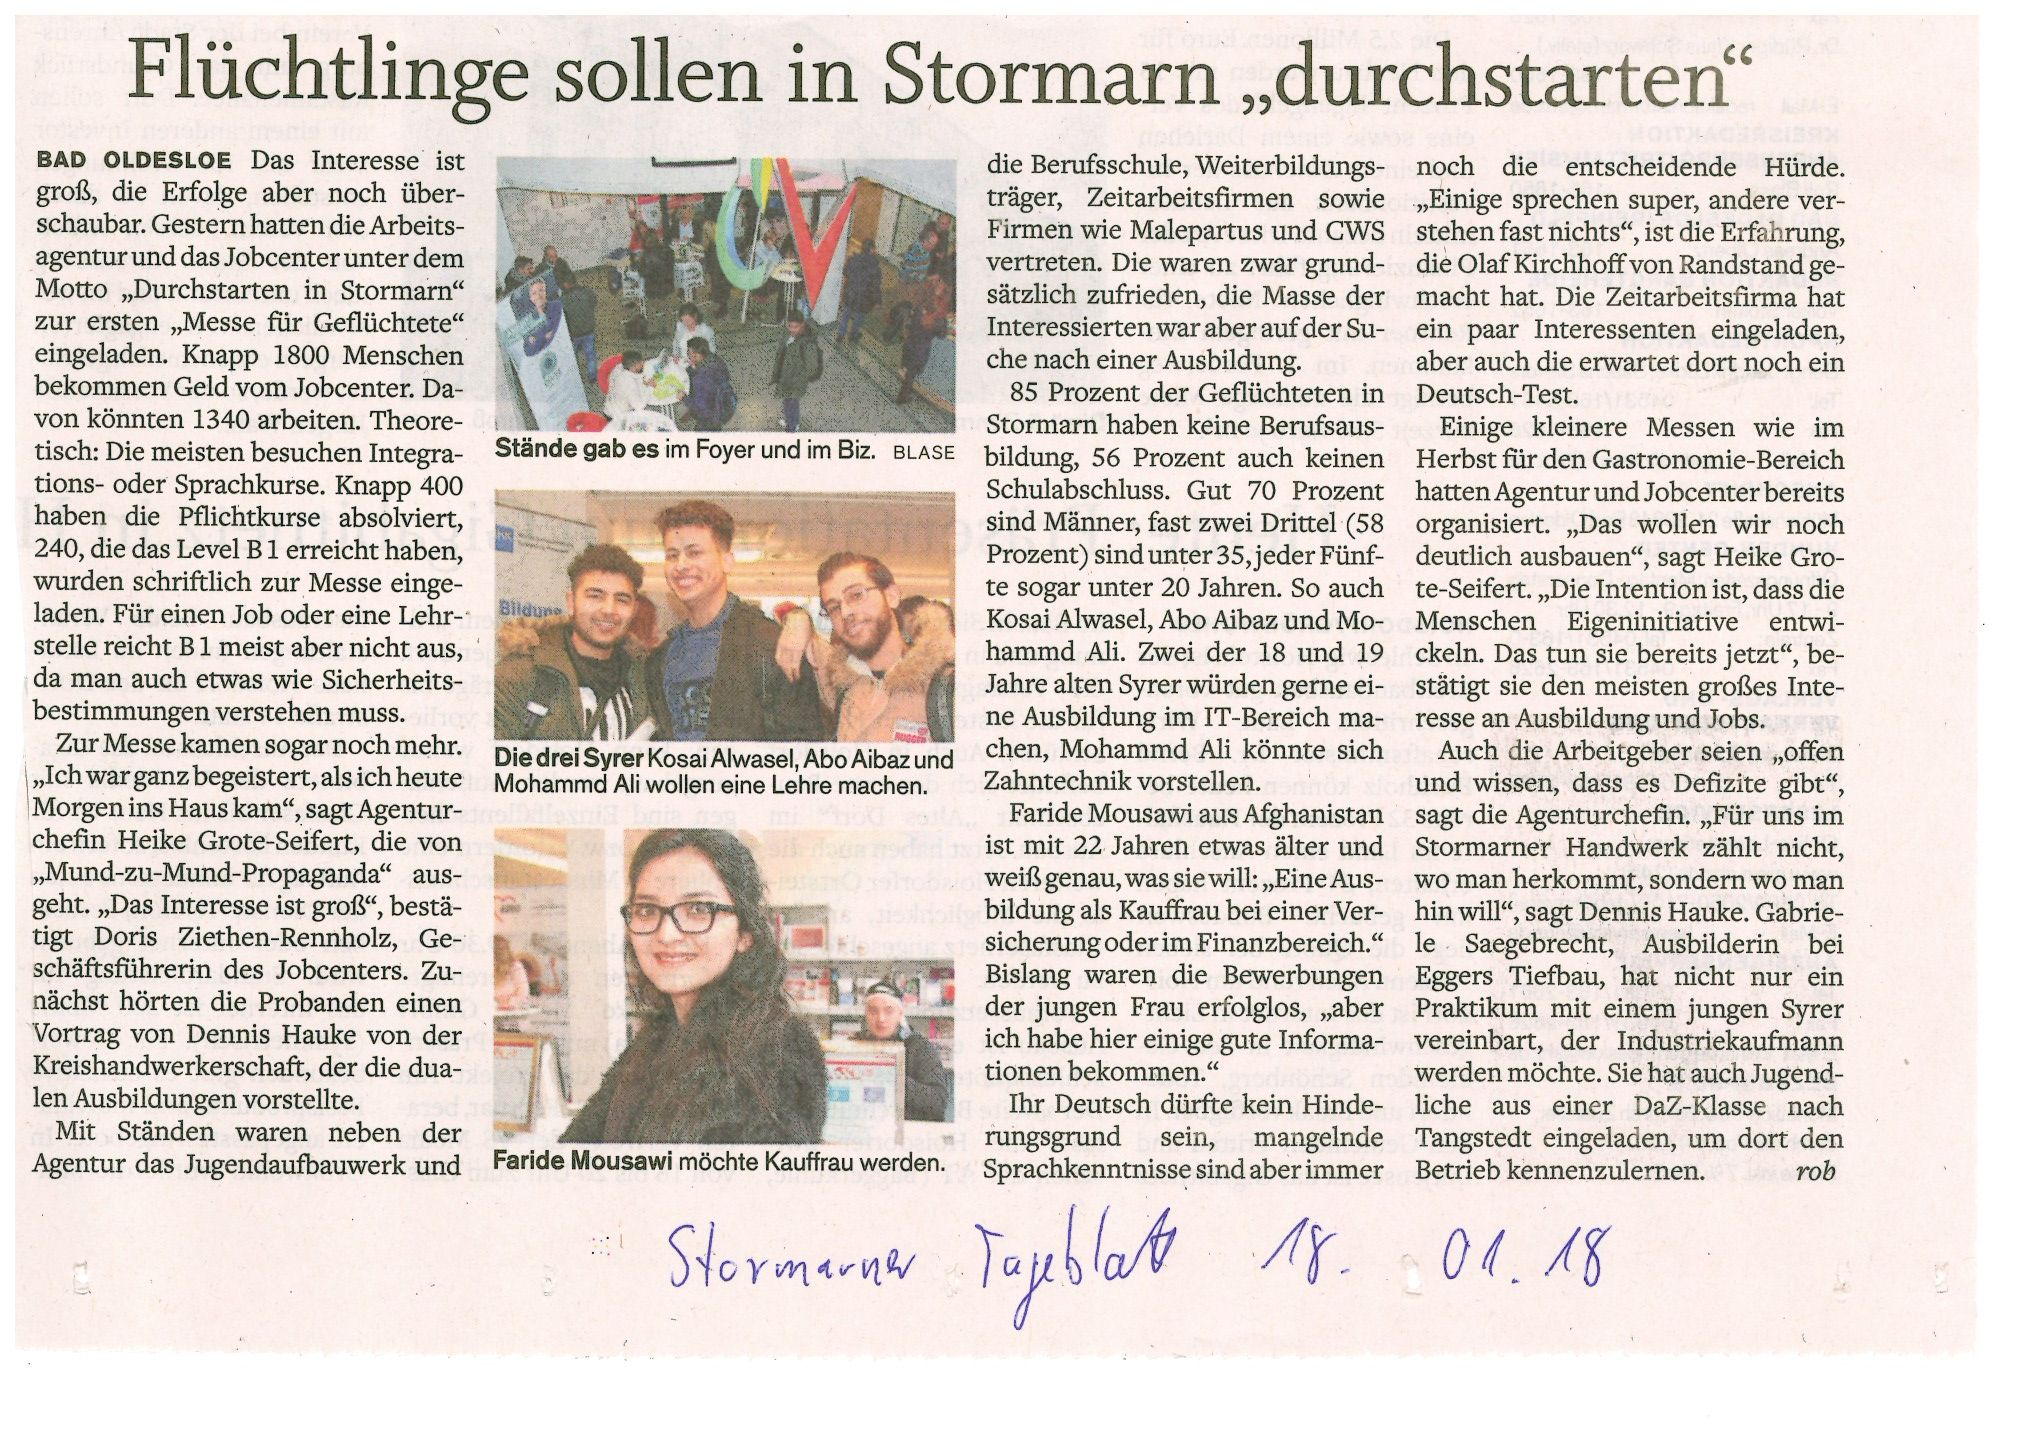 Charmant Anatomie In Den Nachrichten Artikel Zeitgenössisch ...